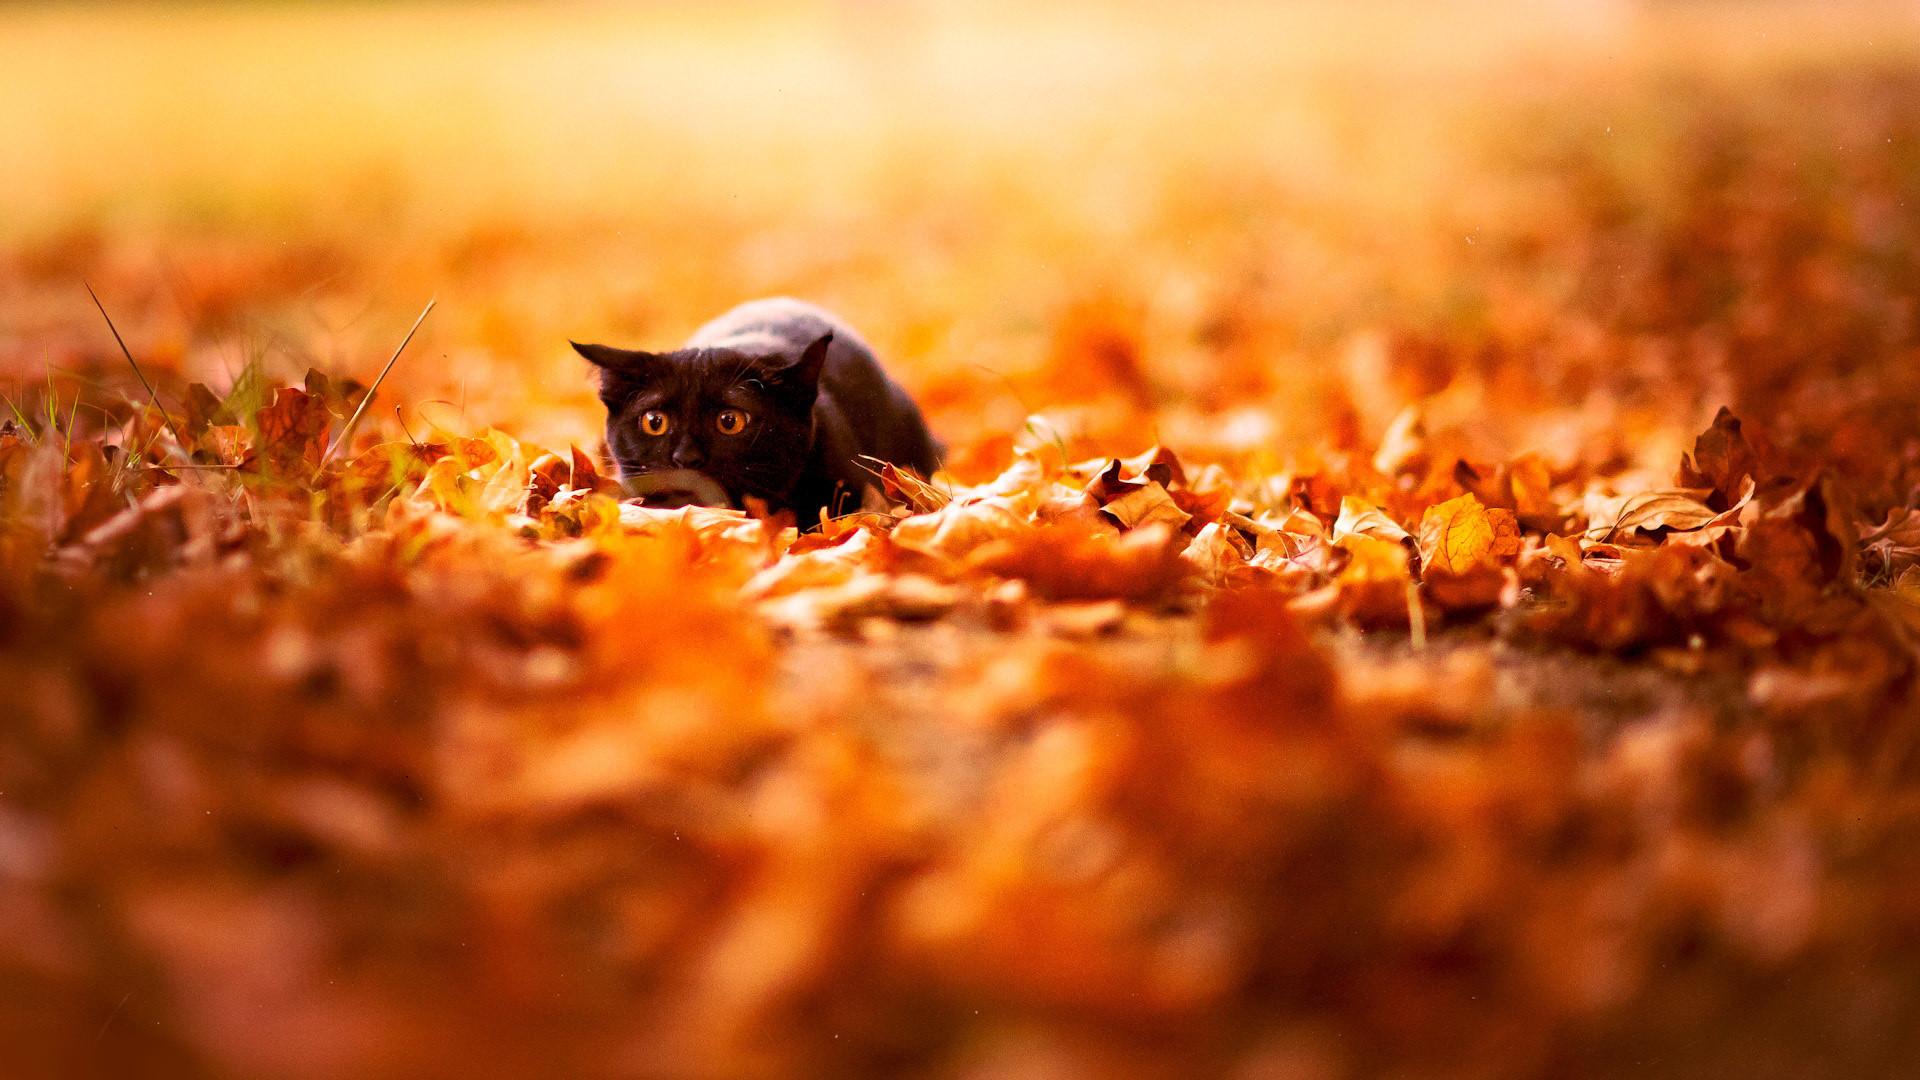 Autumn Leaves Desktop Wallpaper ~ Fall Leaves Background: Fall Leaves  Background, Autumn Leaves Sheet